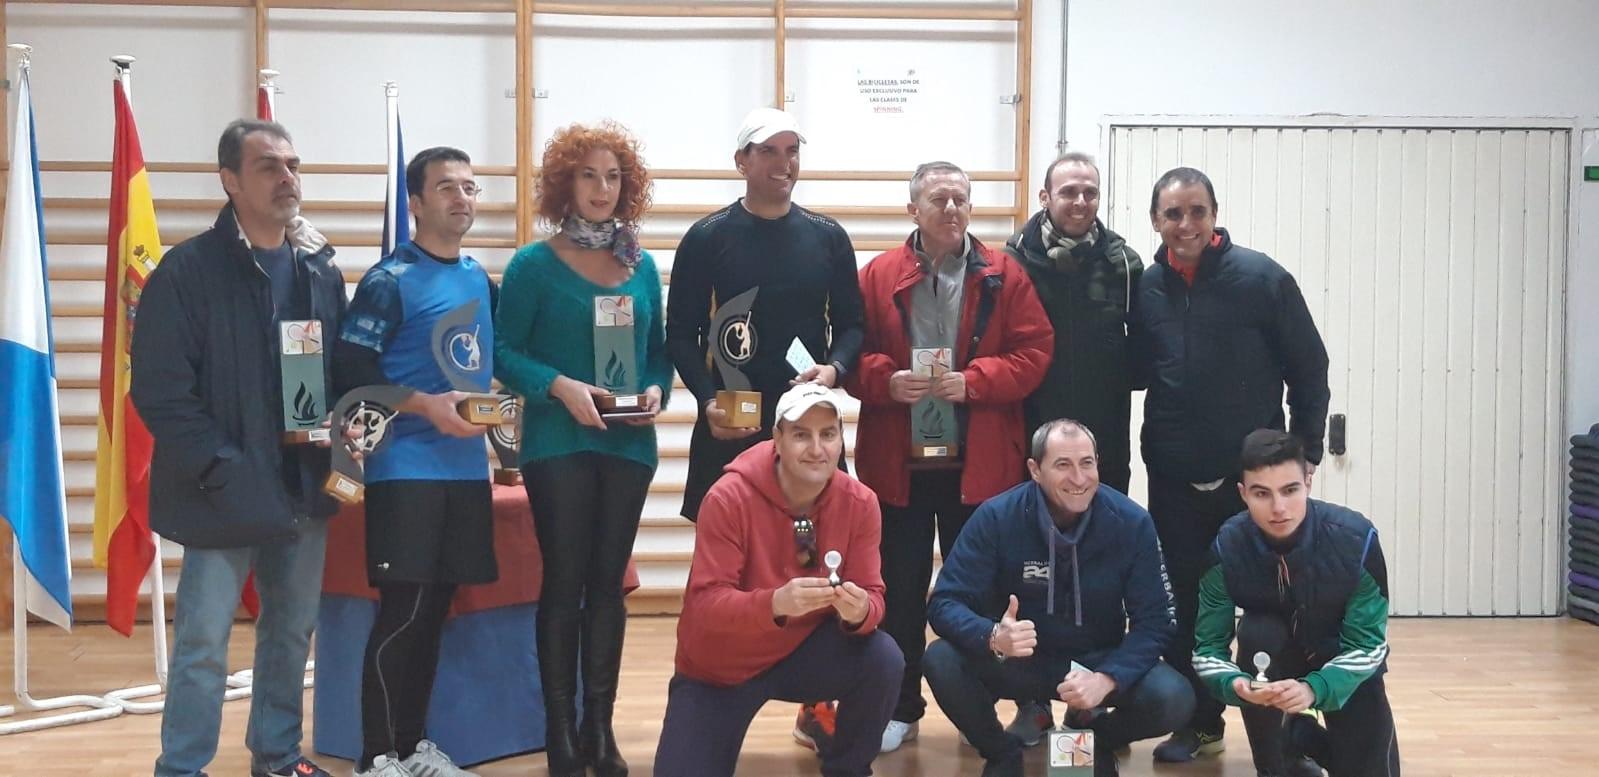 Entrega de premios Ranking de tenis masculino